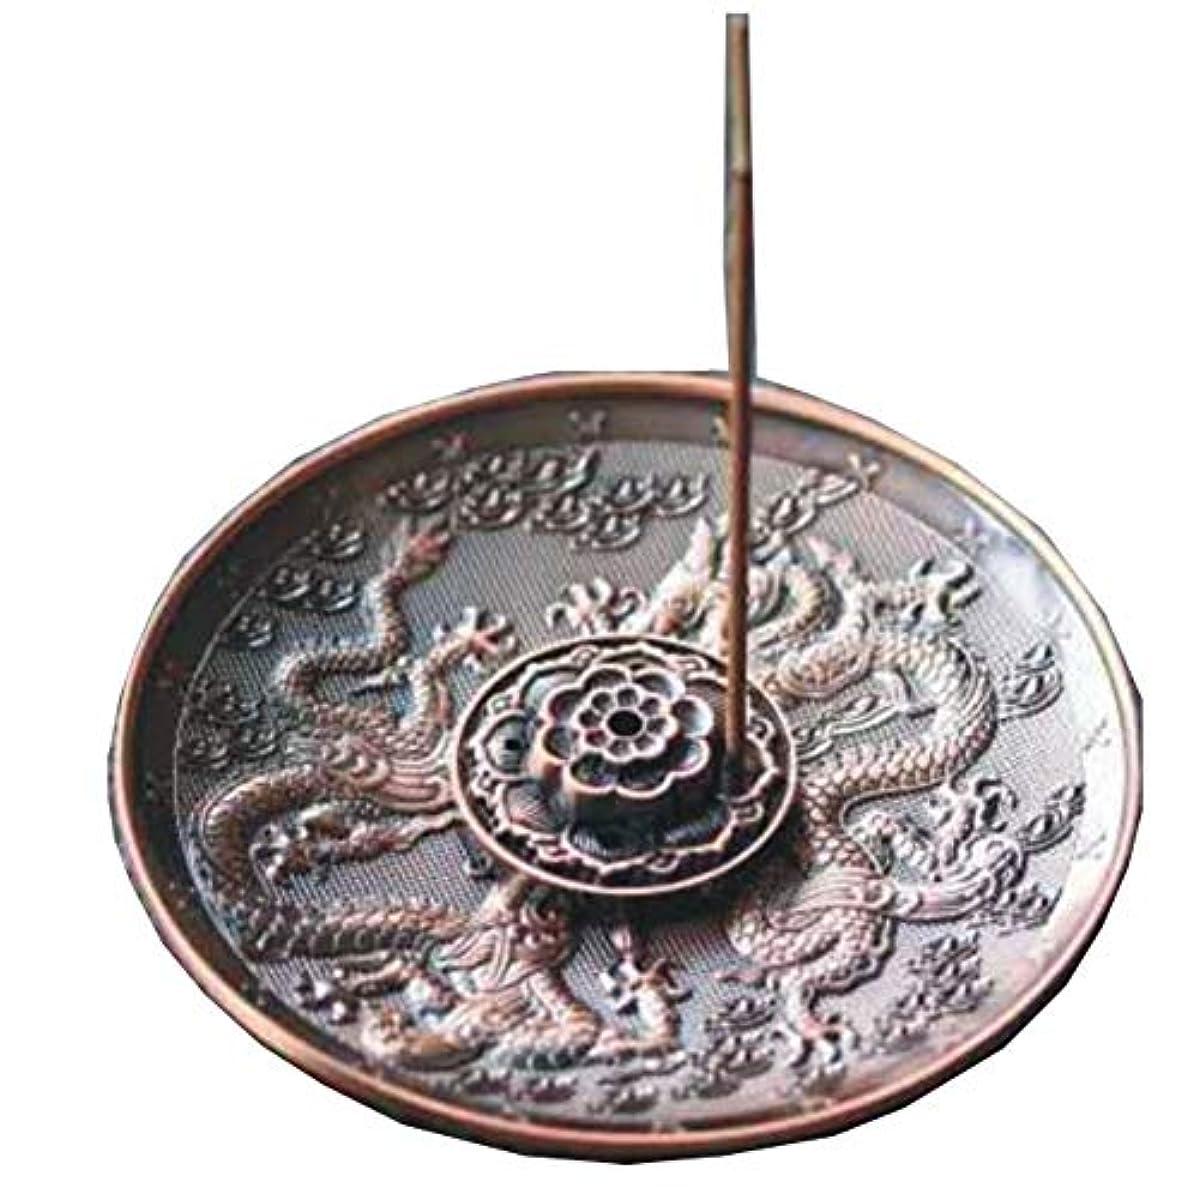 民間人リベラル歌手[RADISSY] お香立て 香炉 香皿 スティック 円錐 タイプ お香 スタンド 龍のデザイン (赤胴色9穴)